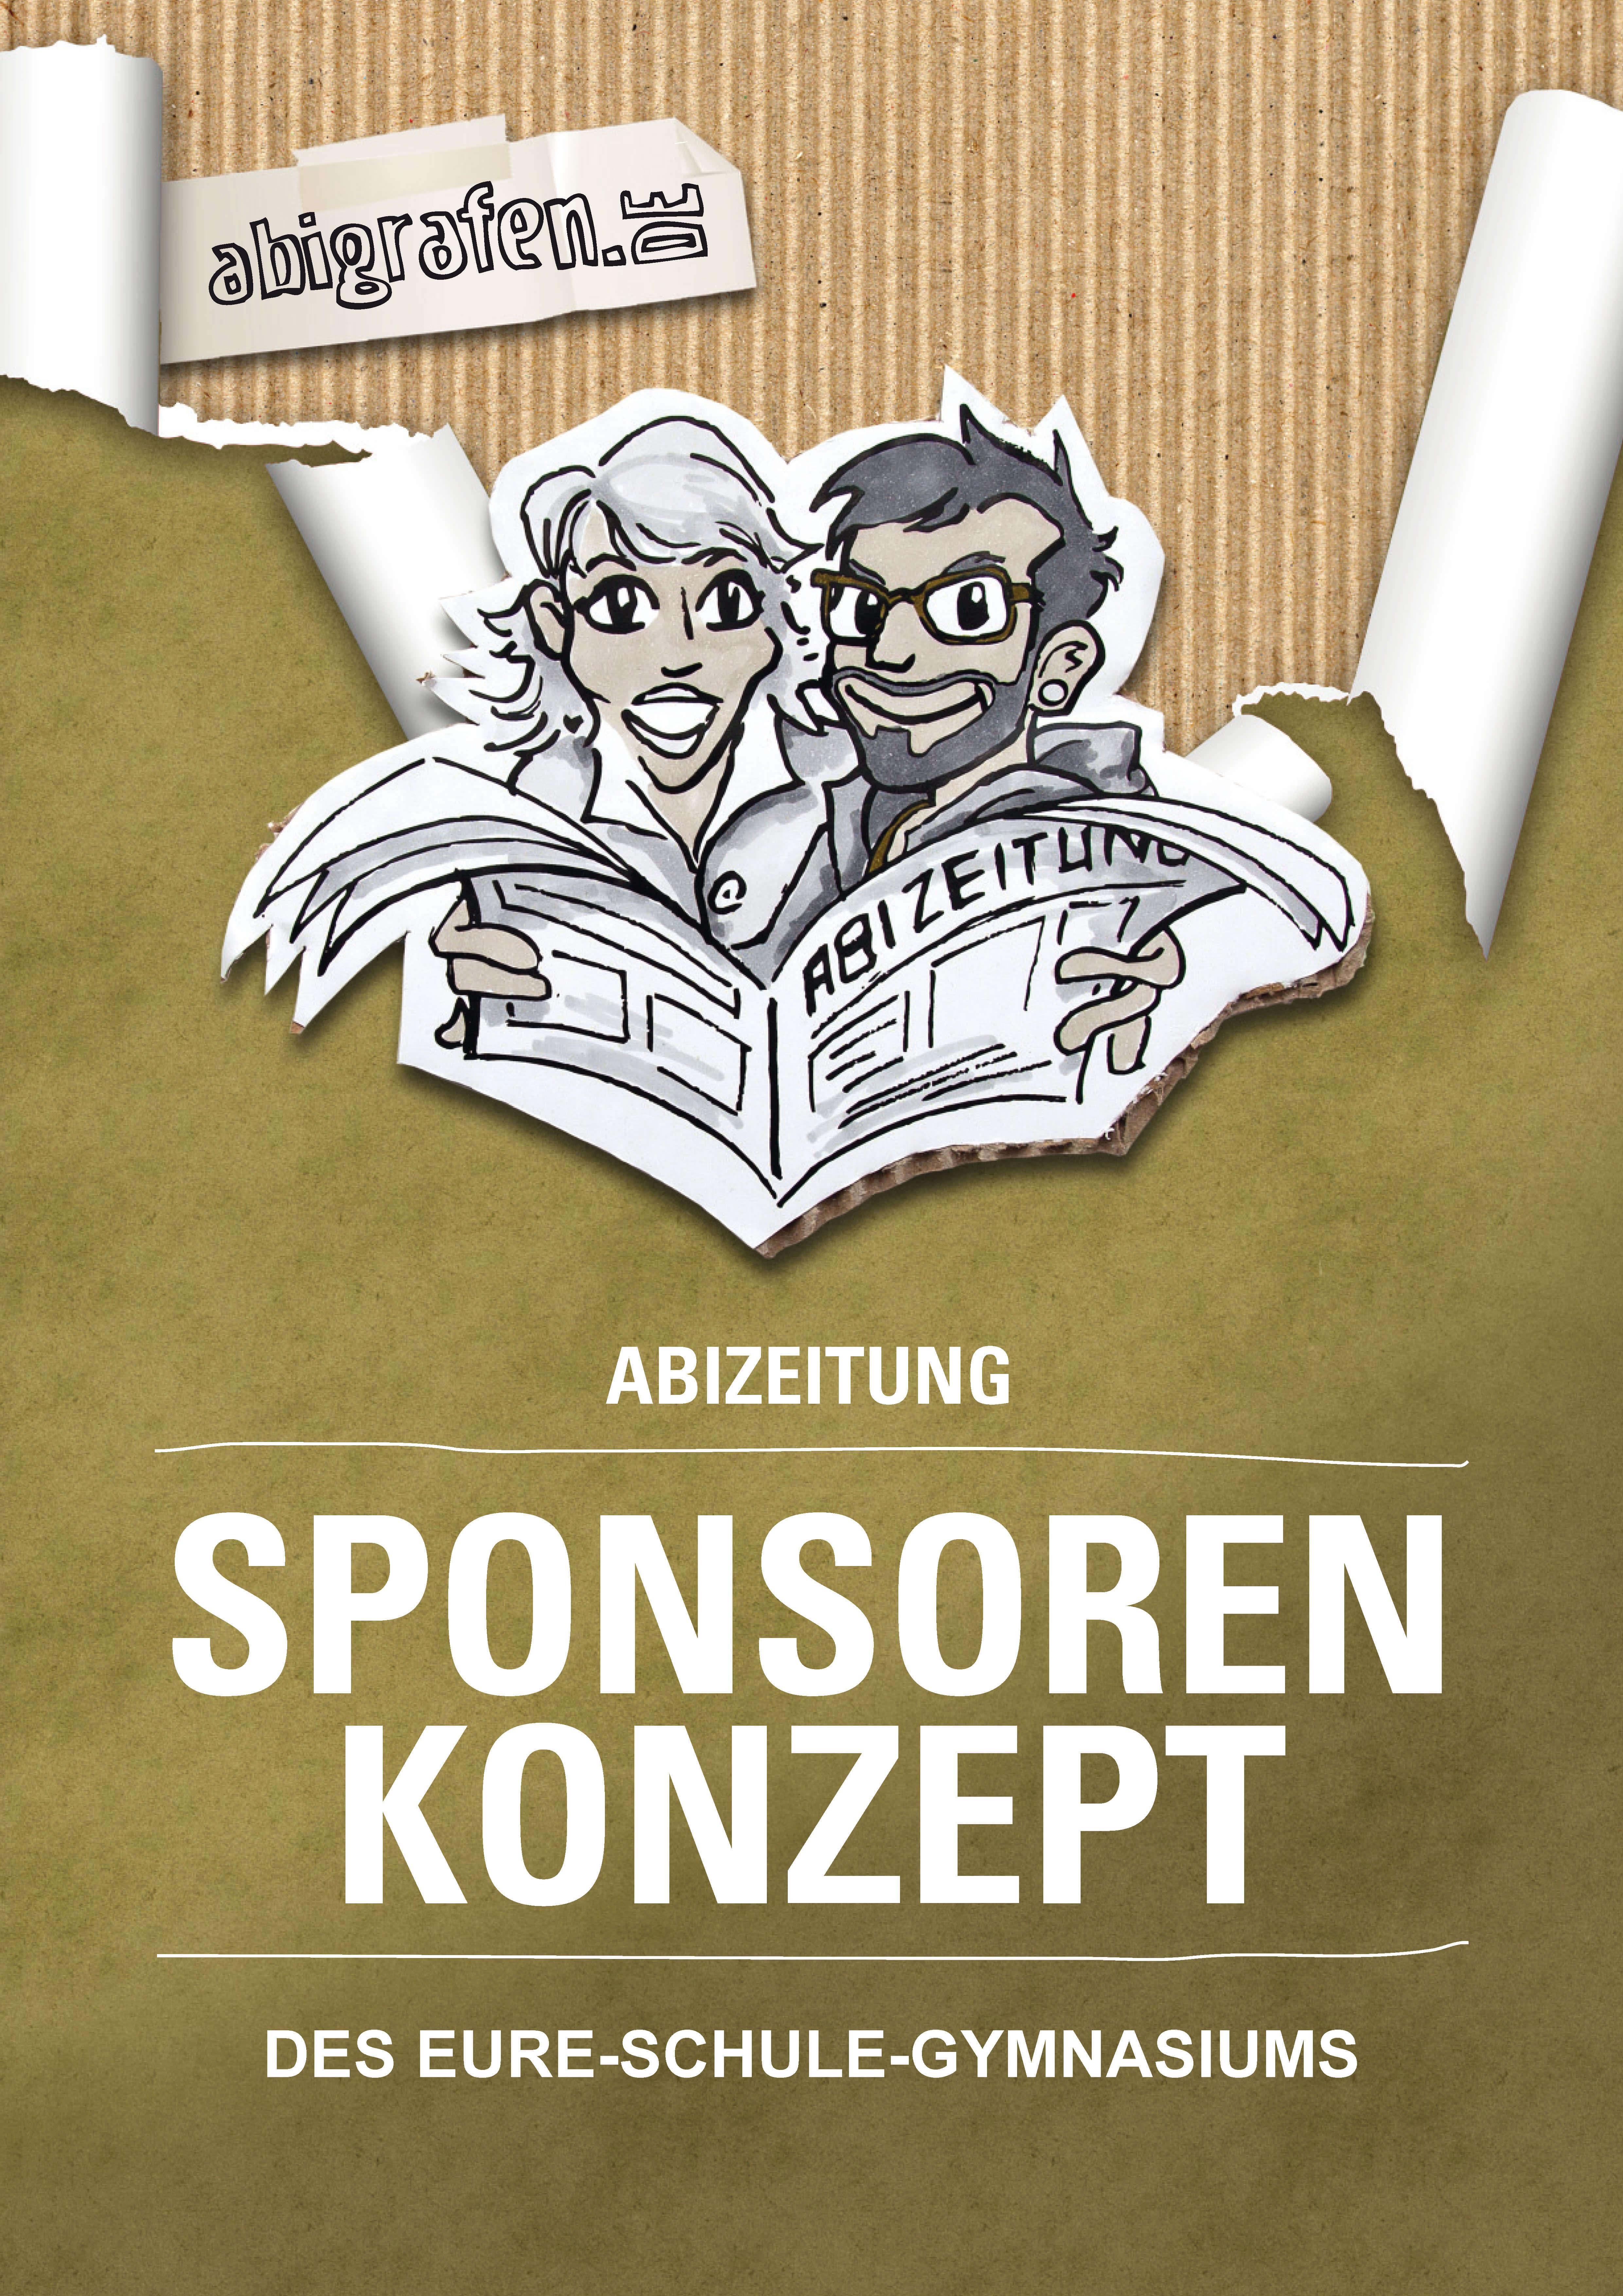 abigrafen.de - Sponsorenkonzept Abizeitung